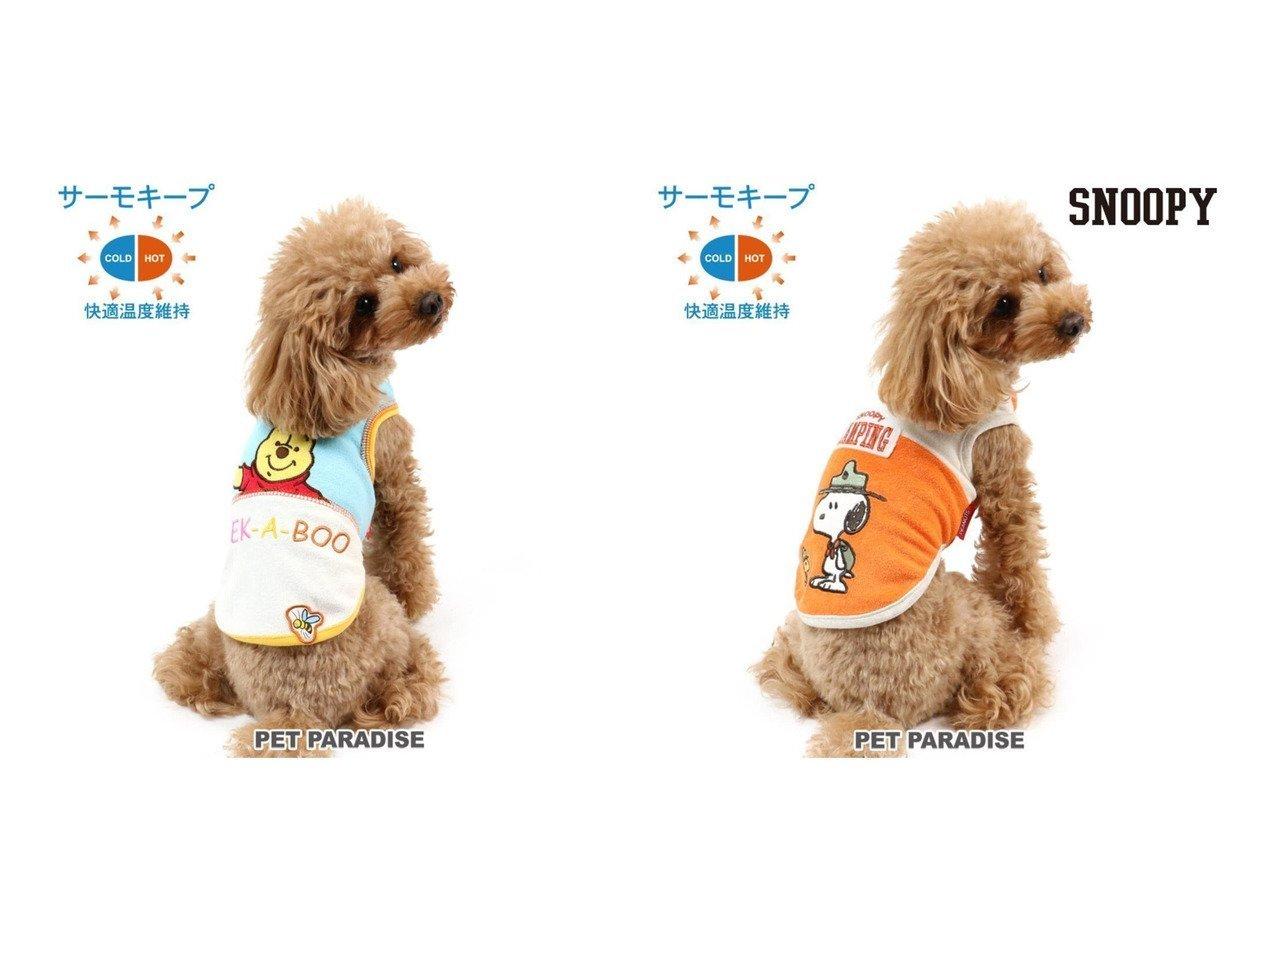 【PET PARADISE/ペットパラダイス】のディズニーくまのプーさん サーモキープ切替タンクトップ〔小型犬〕&スヌーピー ビーグルスカウト柄サーモキープタンクトップ〔小型犬〕 おすすめ!人気、ペットグッズの通販 おすすめで人気の流行・トレンド、ファッションの通販商品 メンズファッション・キッズファッション・インテリア・家具・レディースファッション・服の通販 founy(ファニー) https://founy.com/ 再入荷 Restock/Back in Stock/Re Arrival 犬 Dog ホームグッズ Home/Garden ペットグッズ Pet Supplies  ID:crp329100000032789